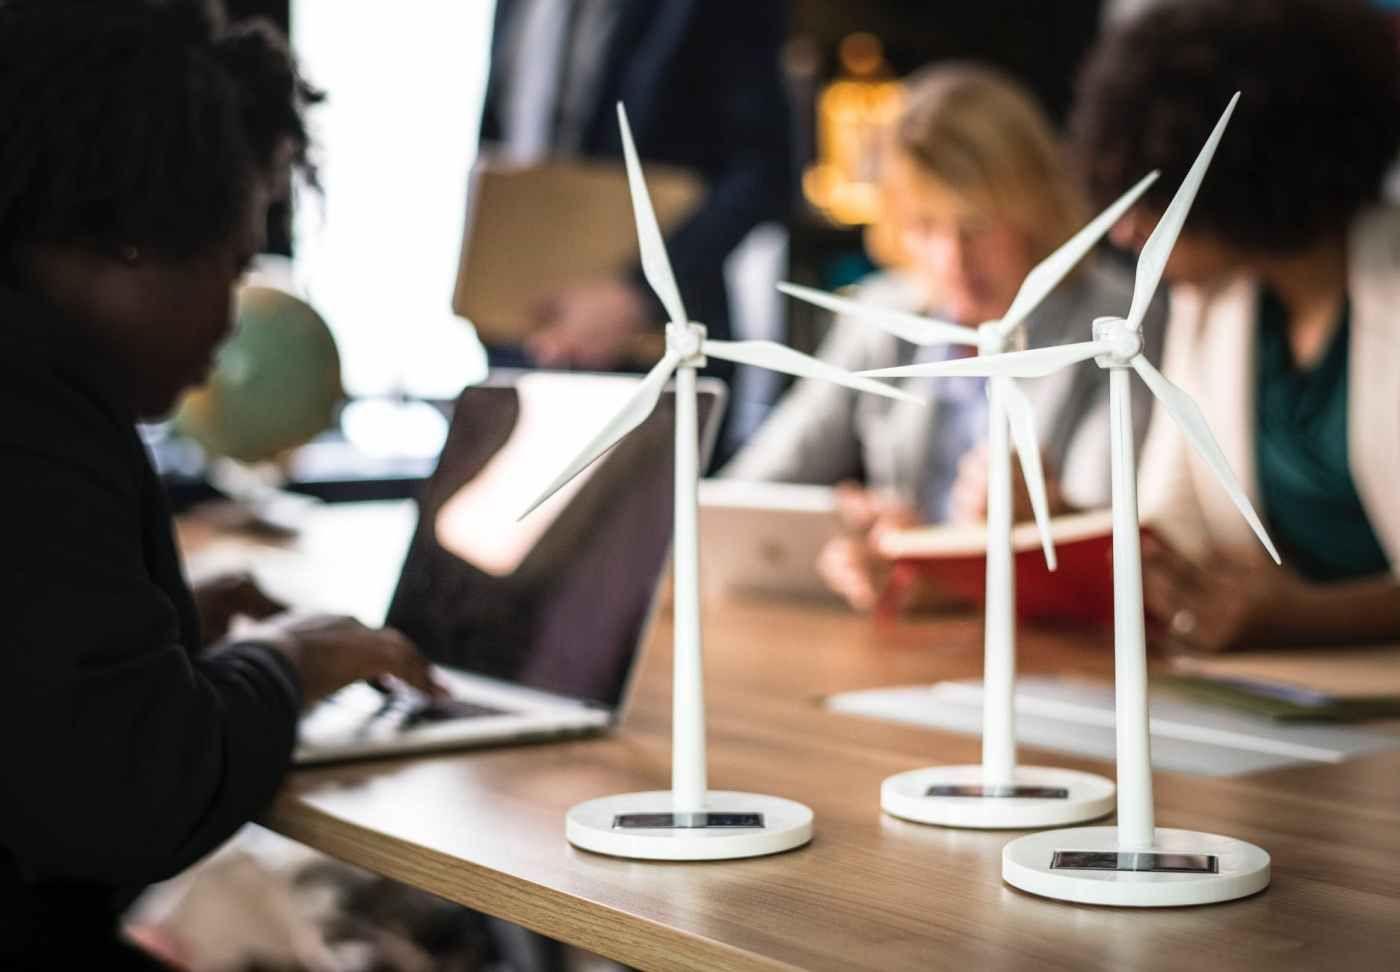 Child climate activist renewable solar renewable energy